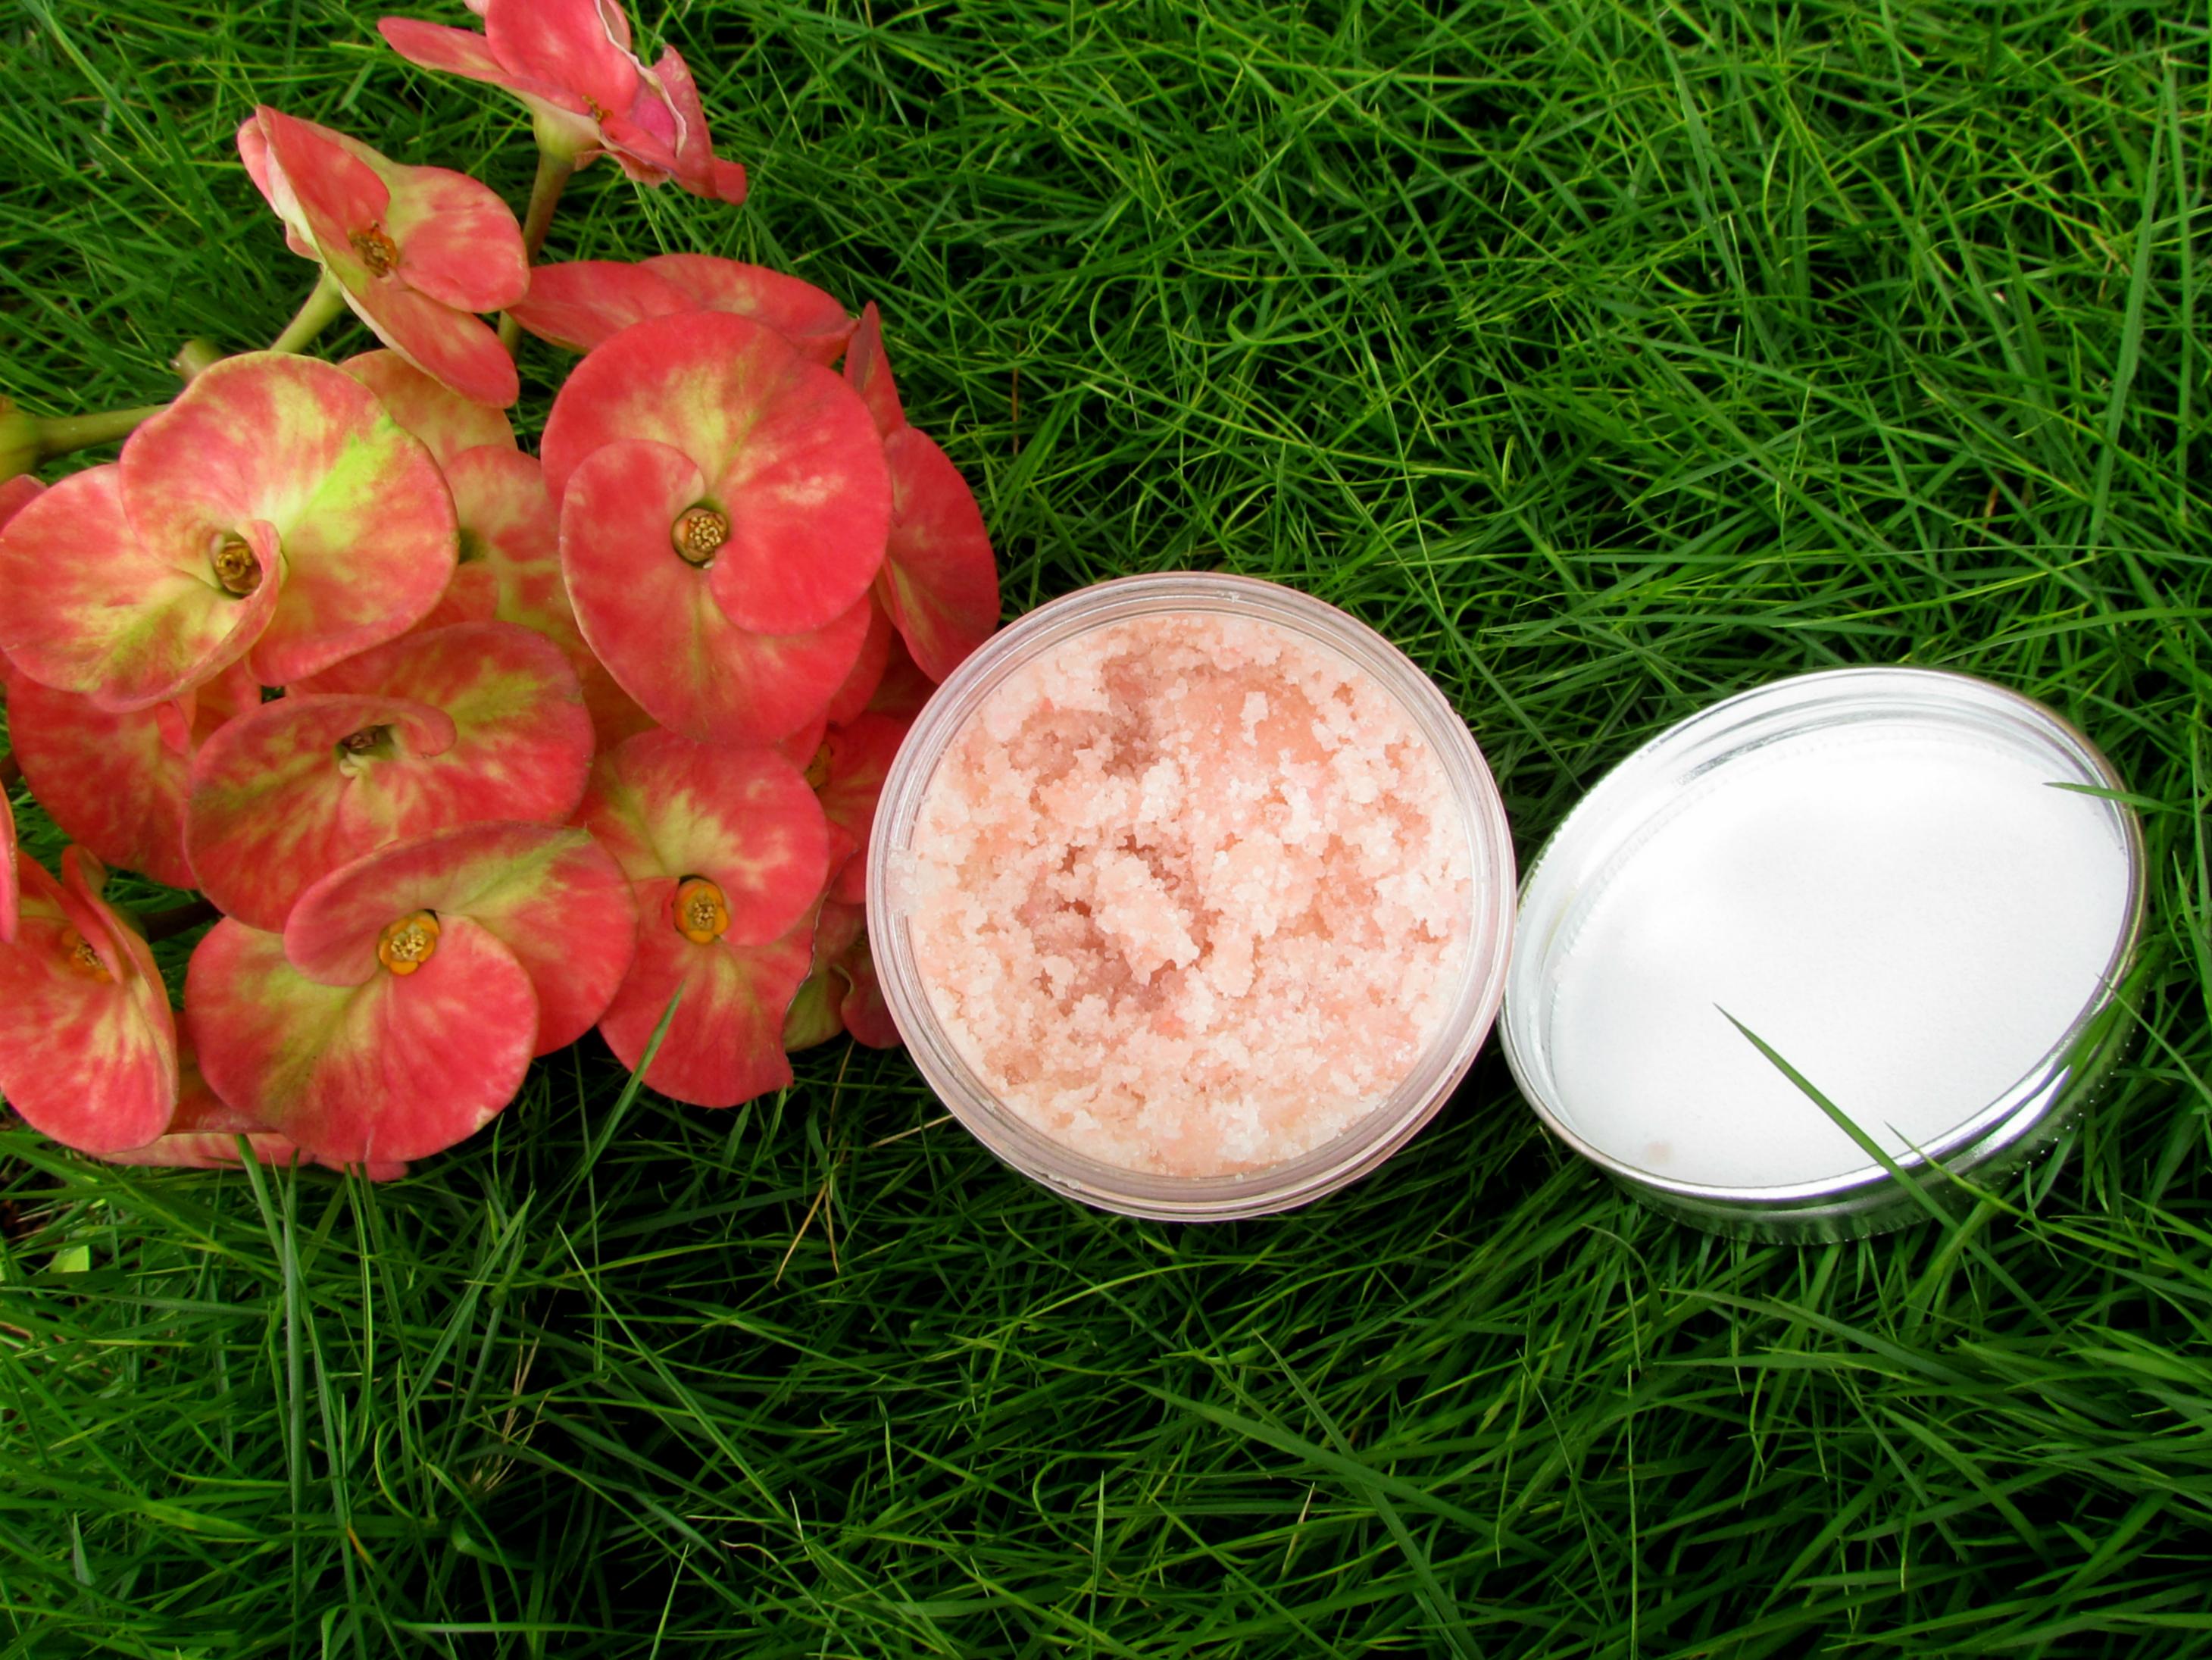 Gia Bath & Body Works Coconut Rose Body Polish